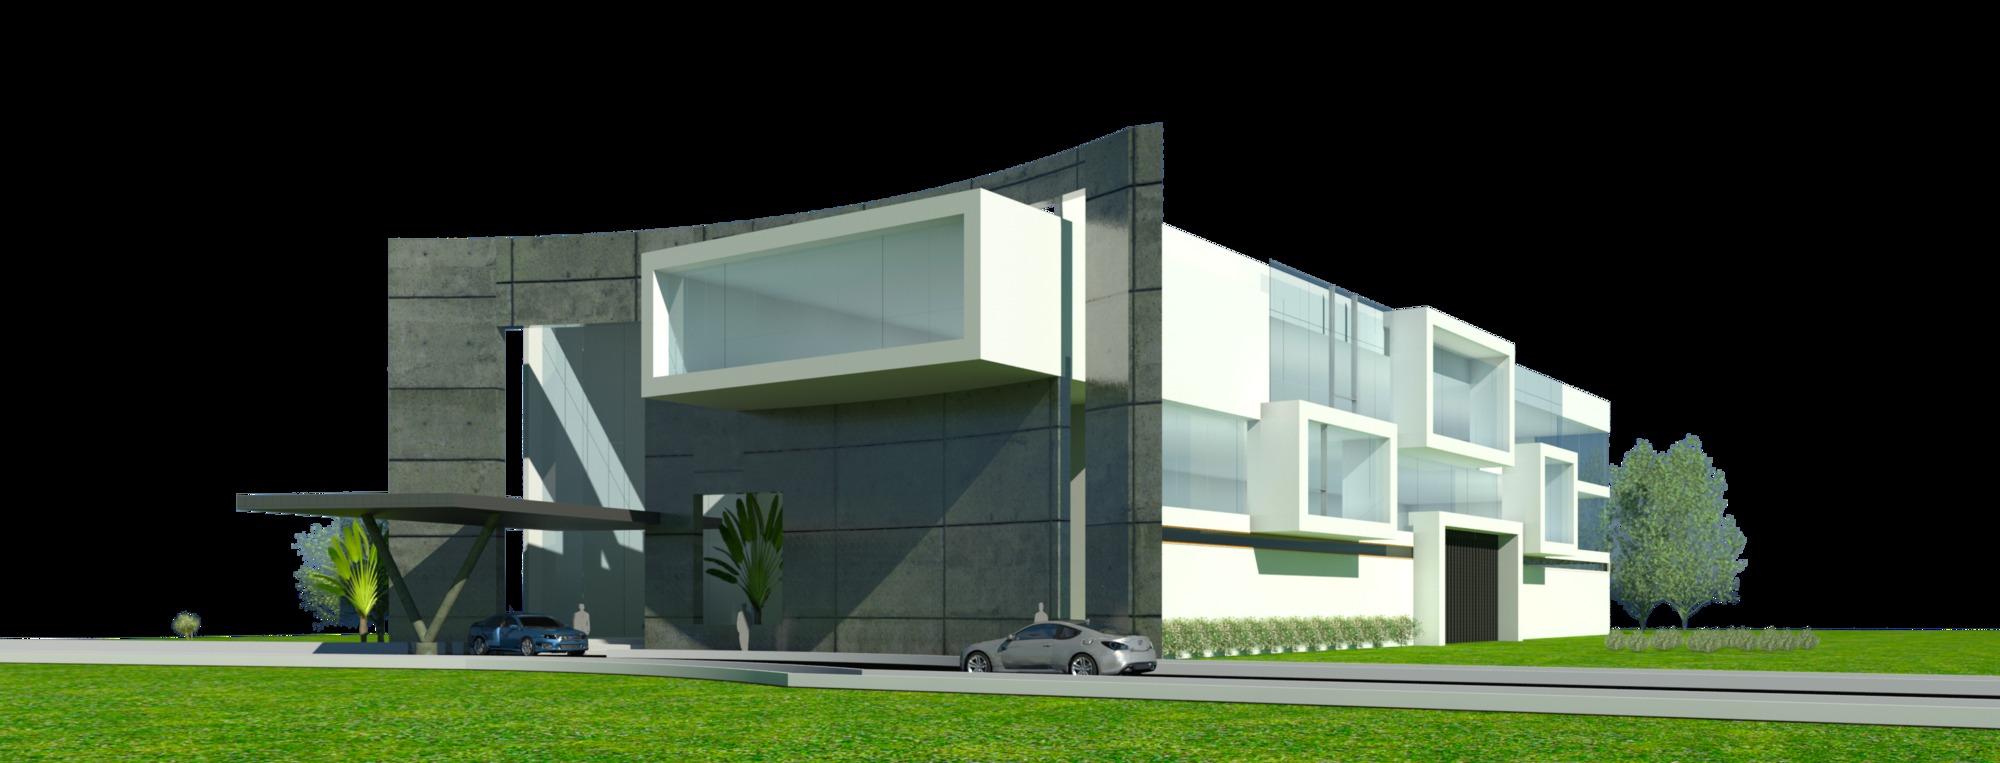 Raas-rendering20140912-8755-1h4gro8